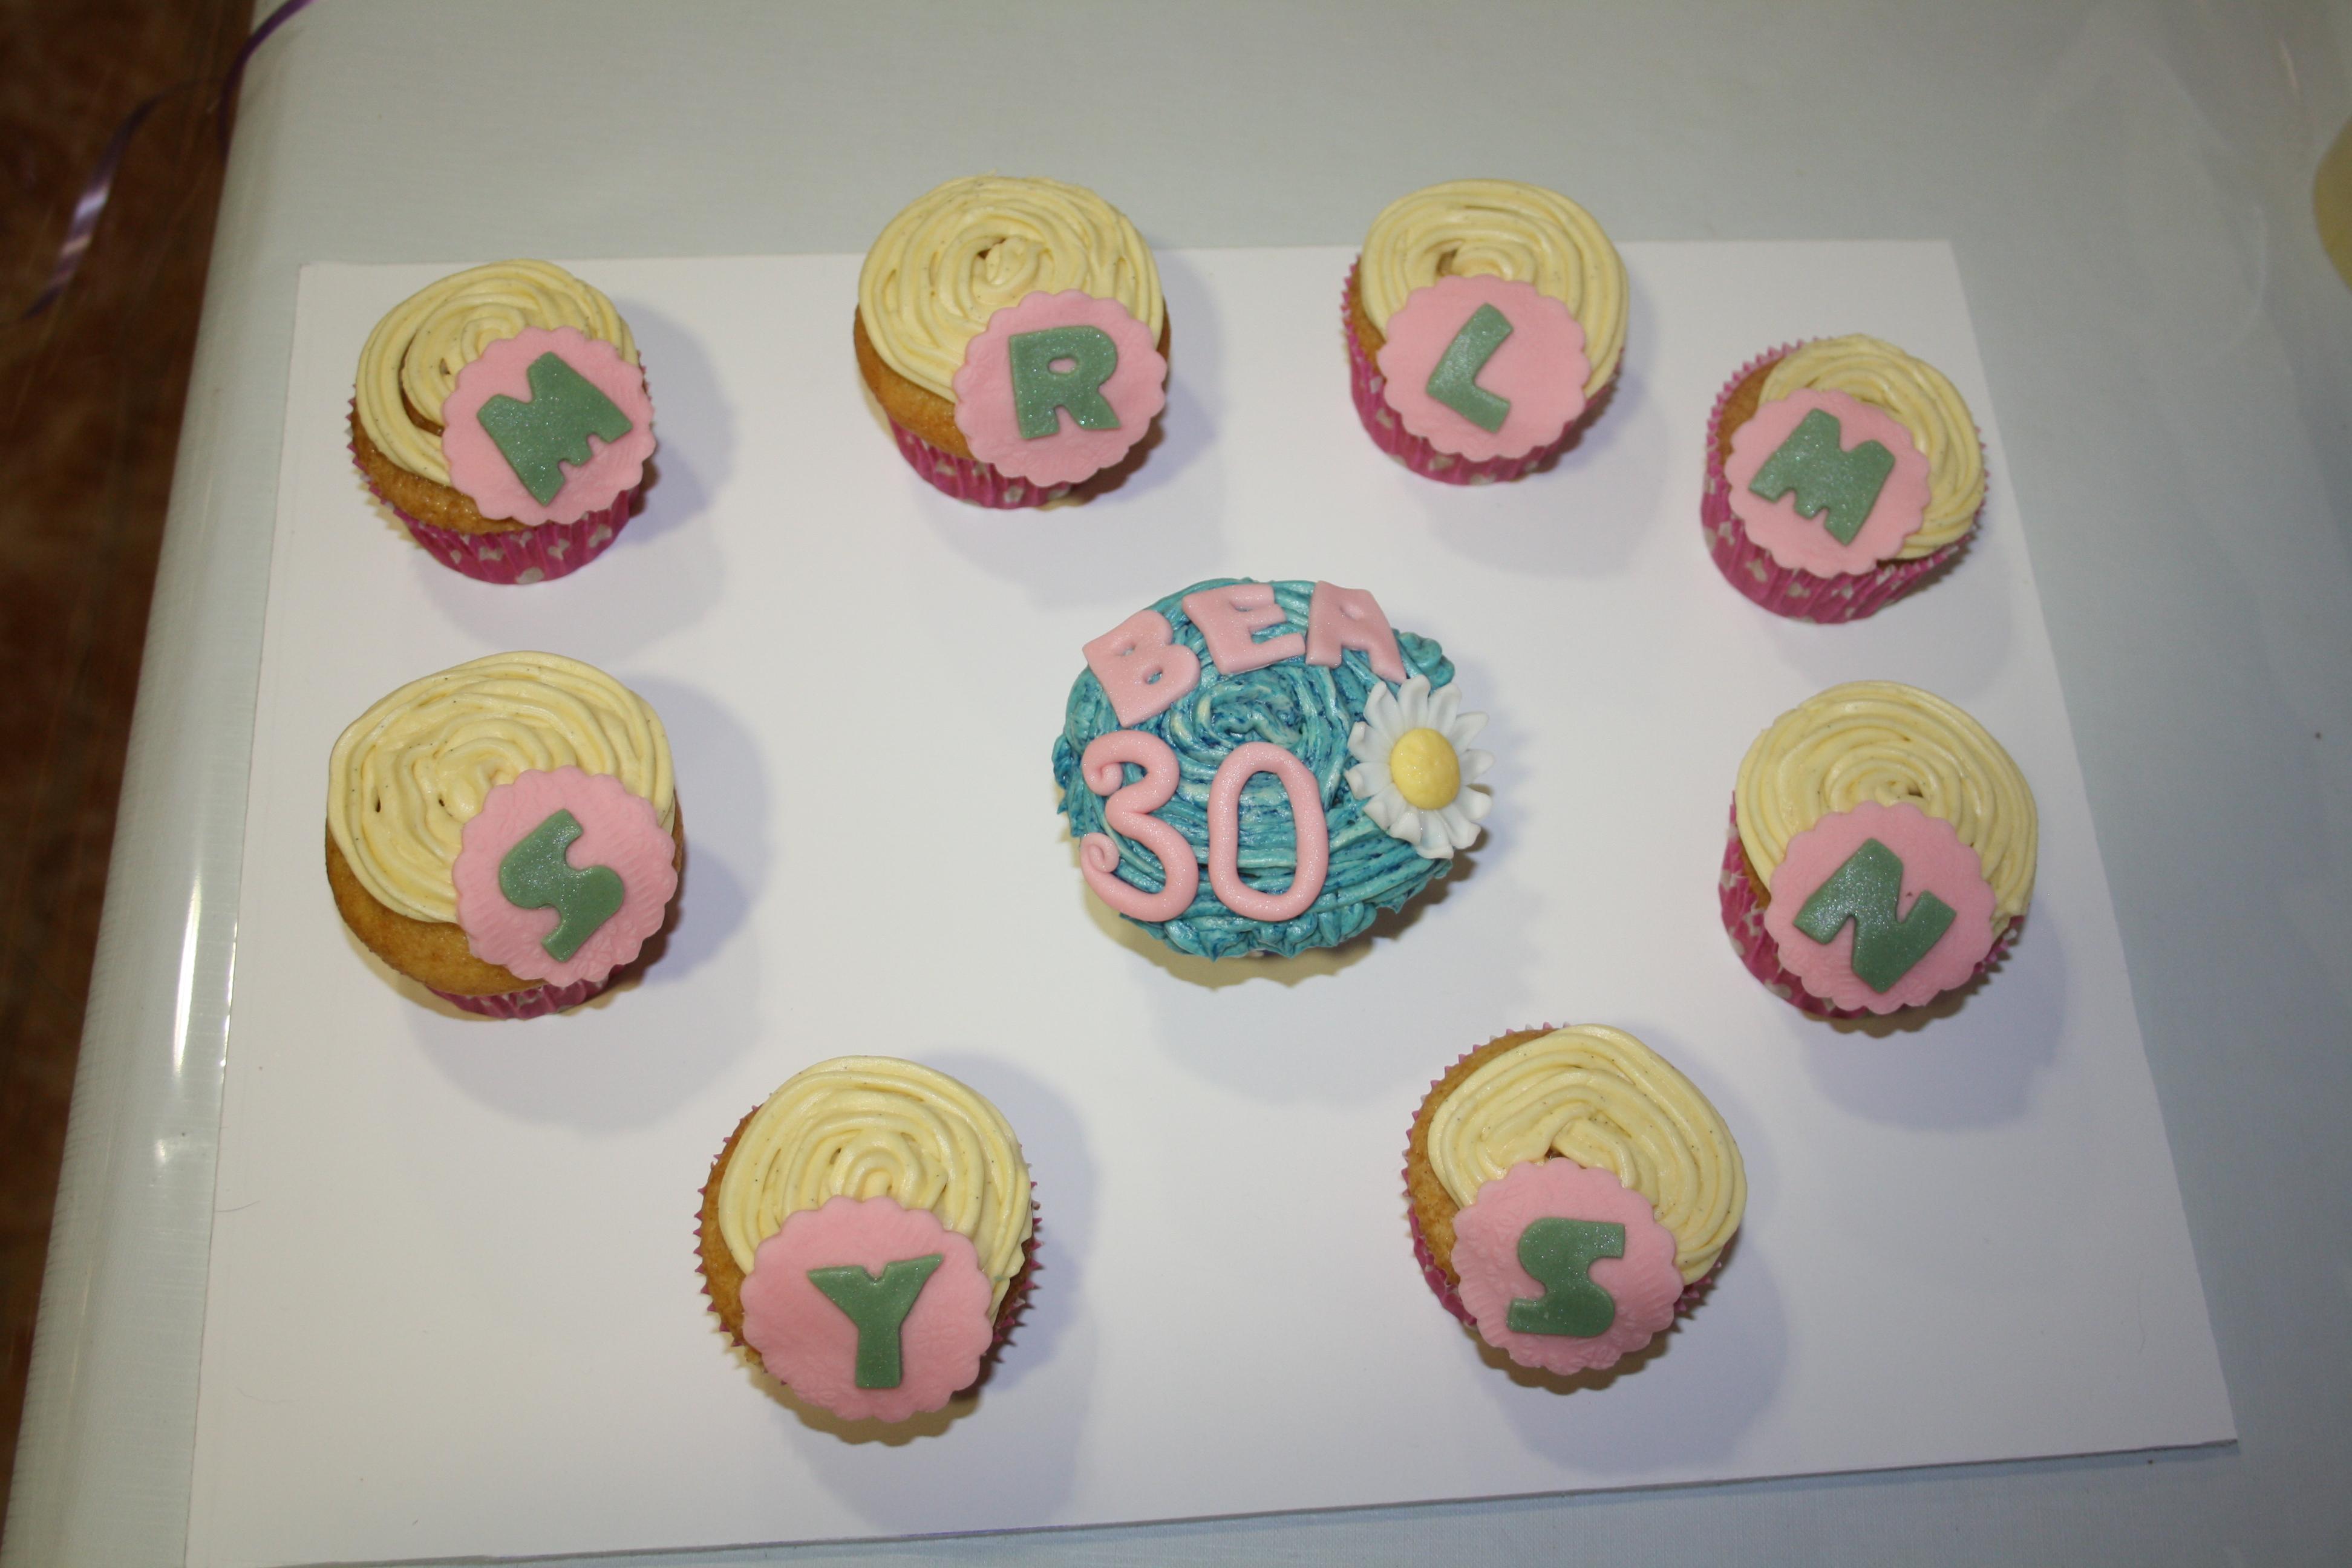 Cupcake s 30 cumplea os di tartas for Decoracion 30 cumpleanos